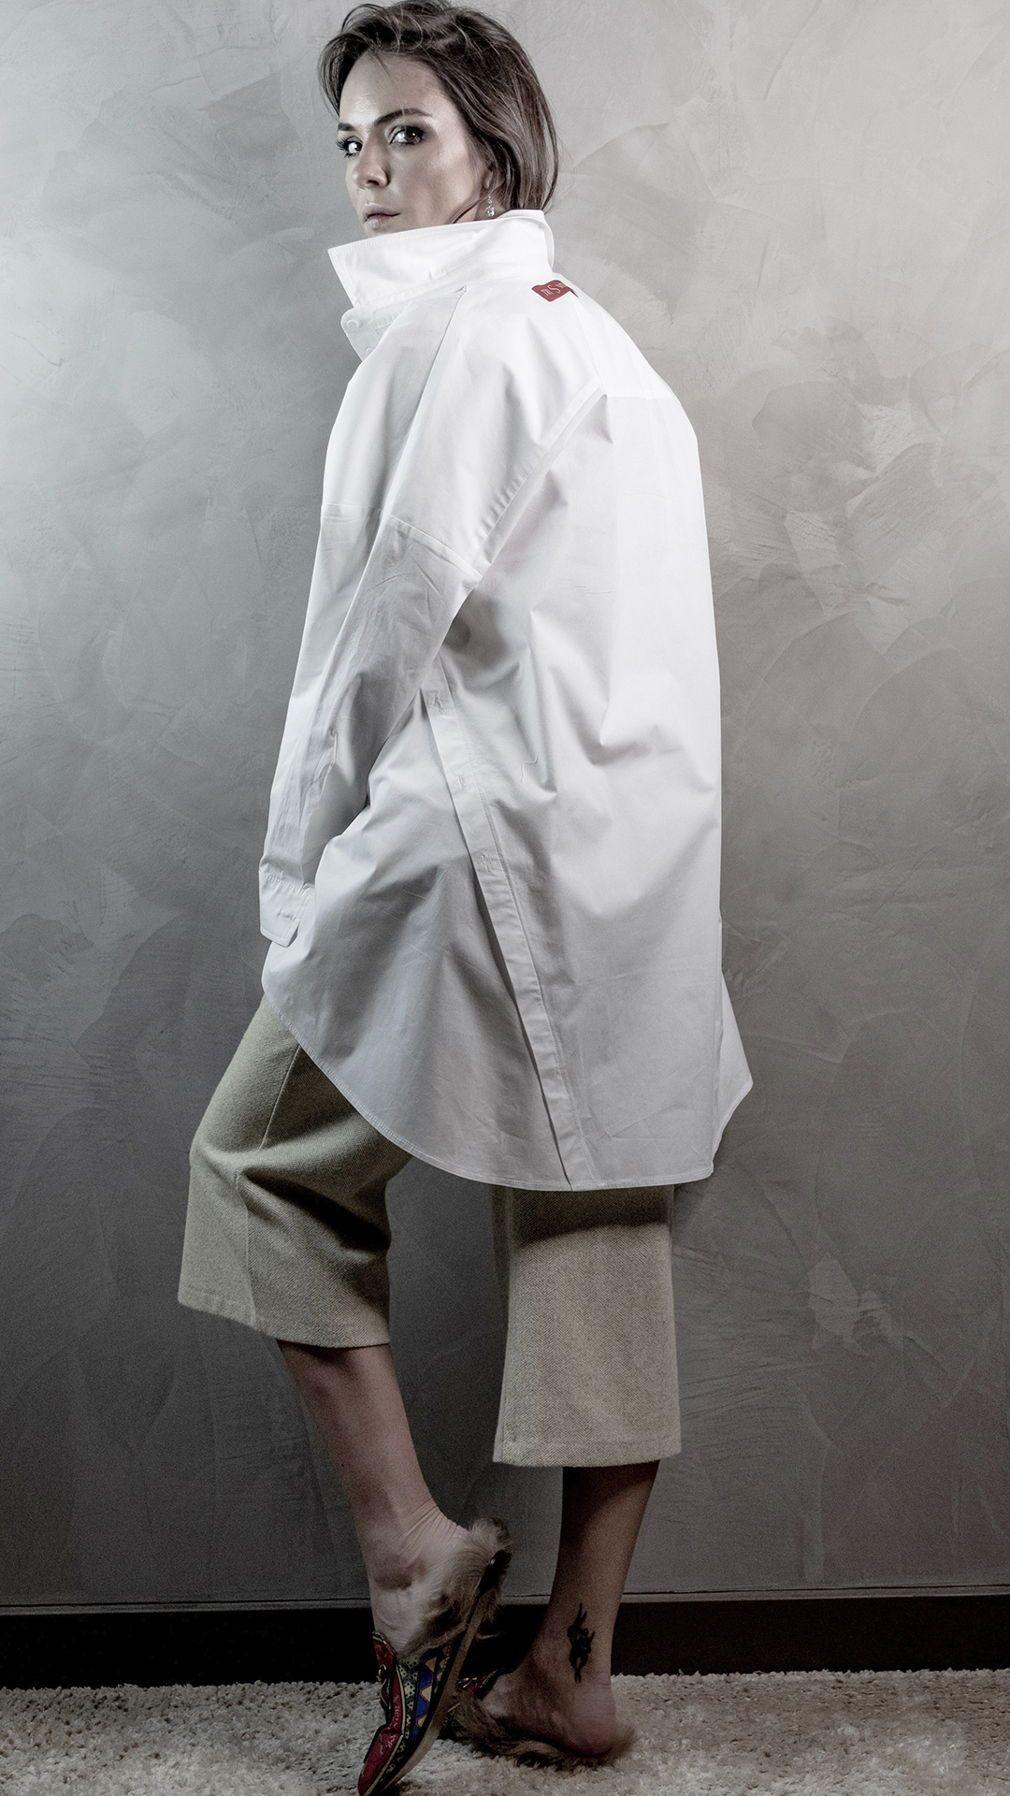 Рубашка-трансформер в 2020 г | Рубашка, Широкие штаны, Стиль